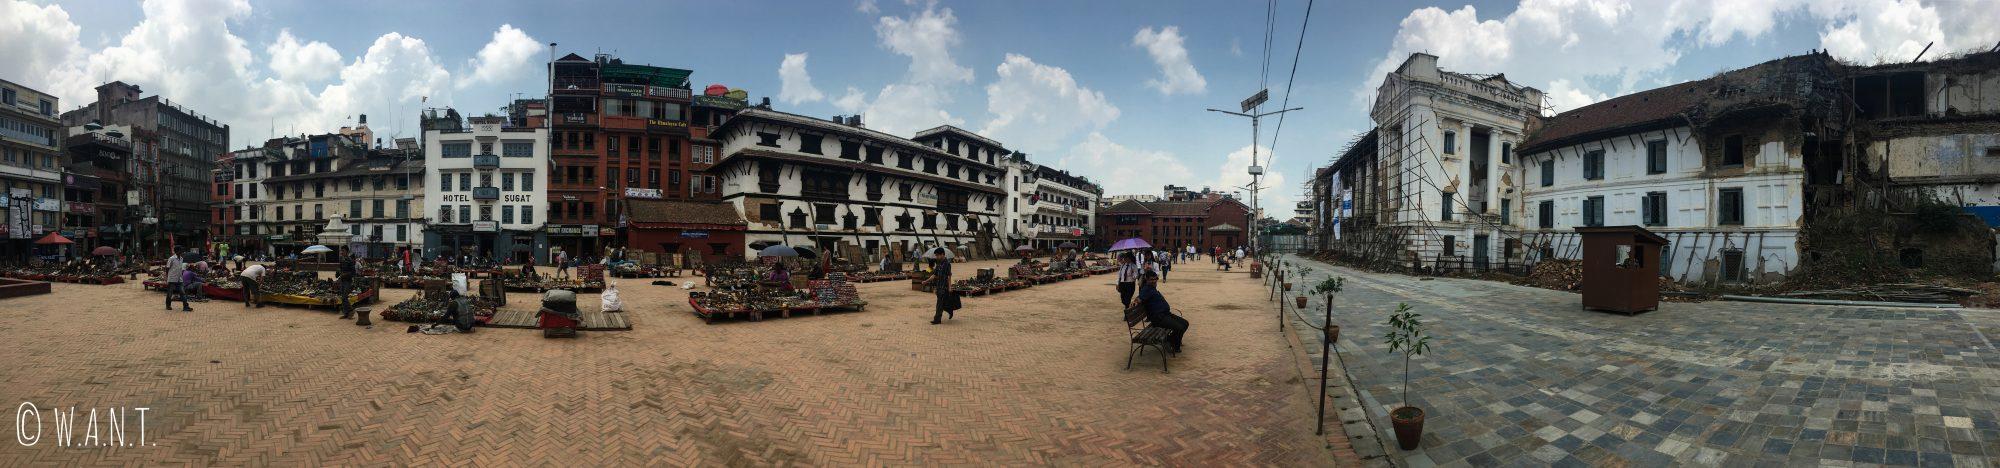 Panorama d'une des places du Durbar Square de Katmandou